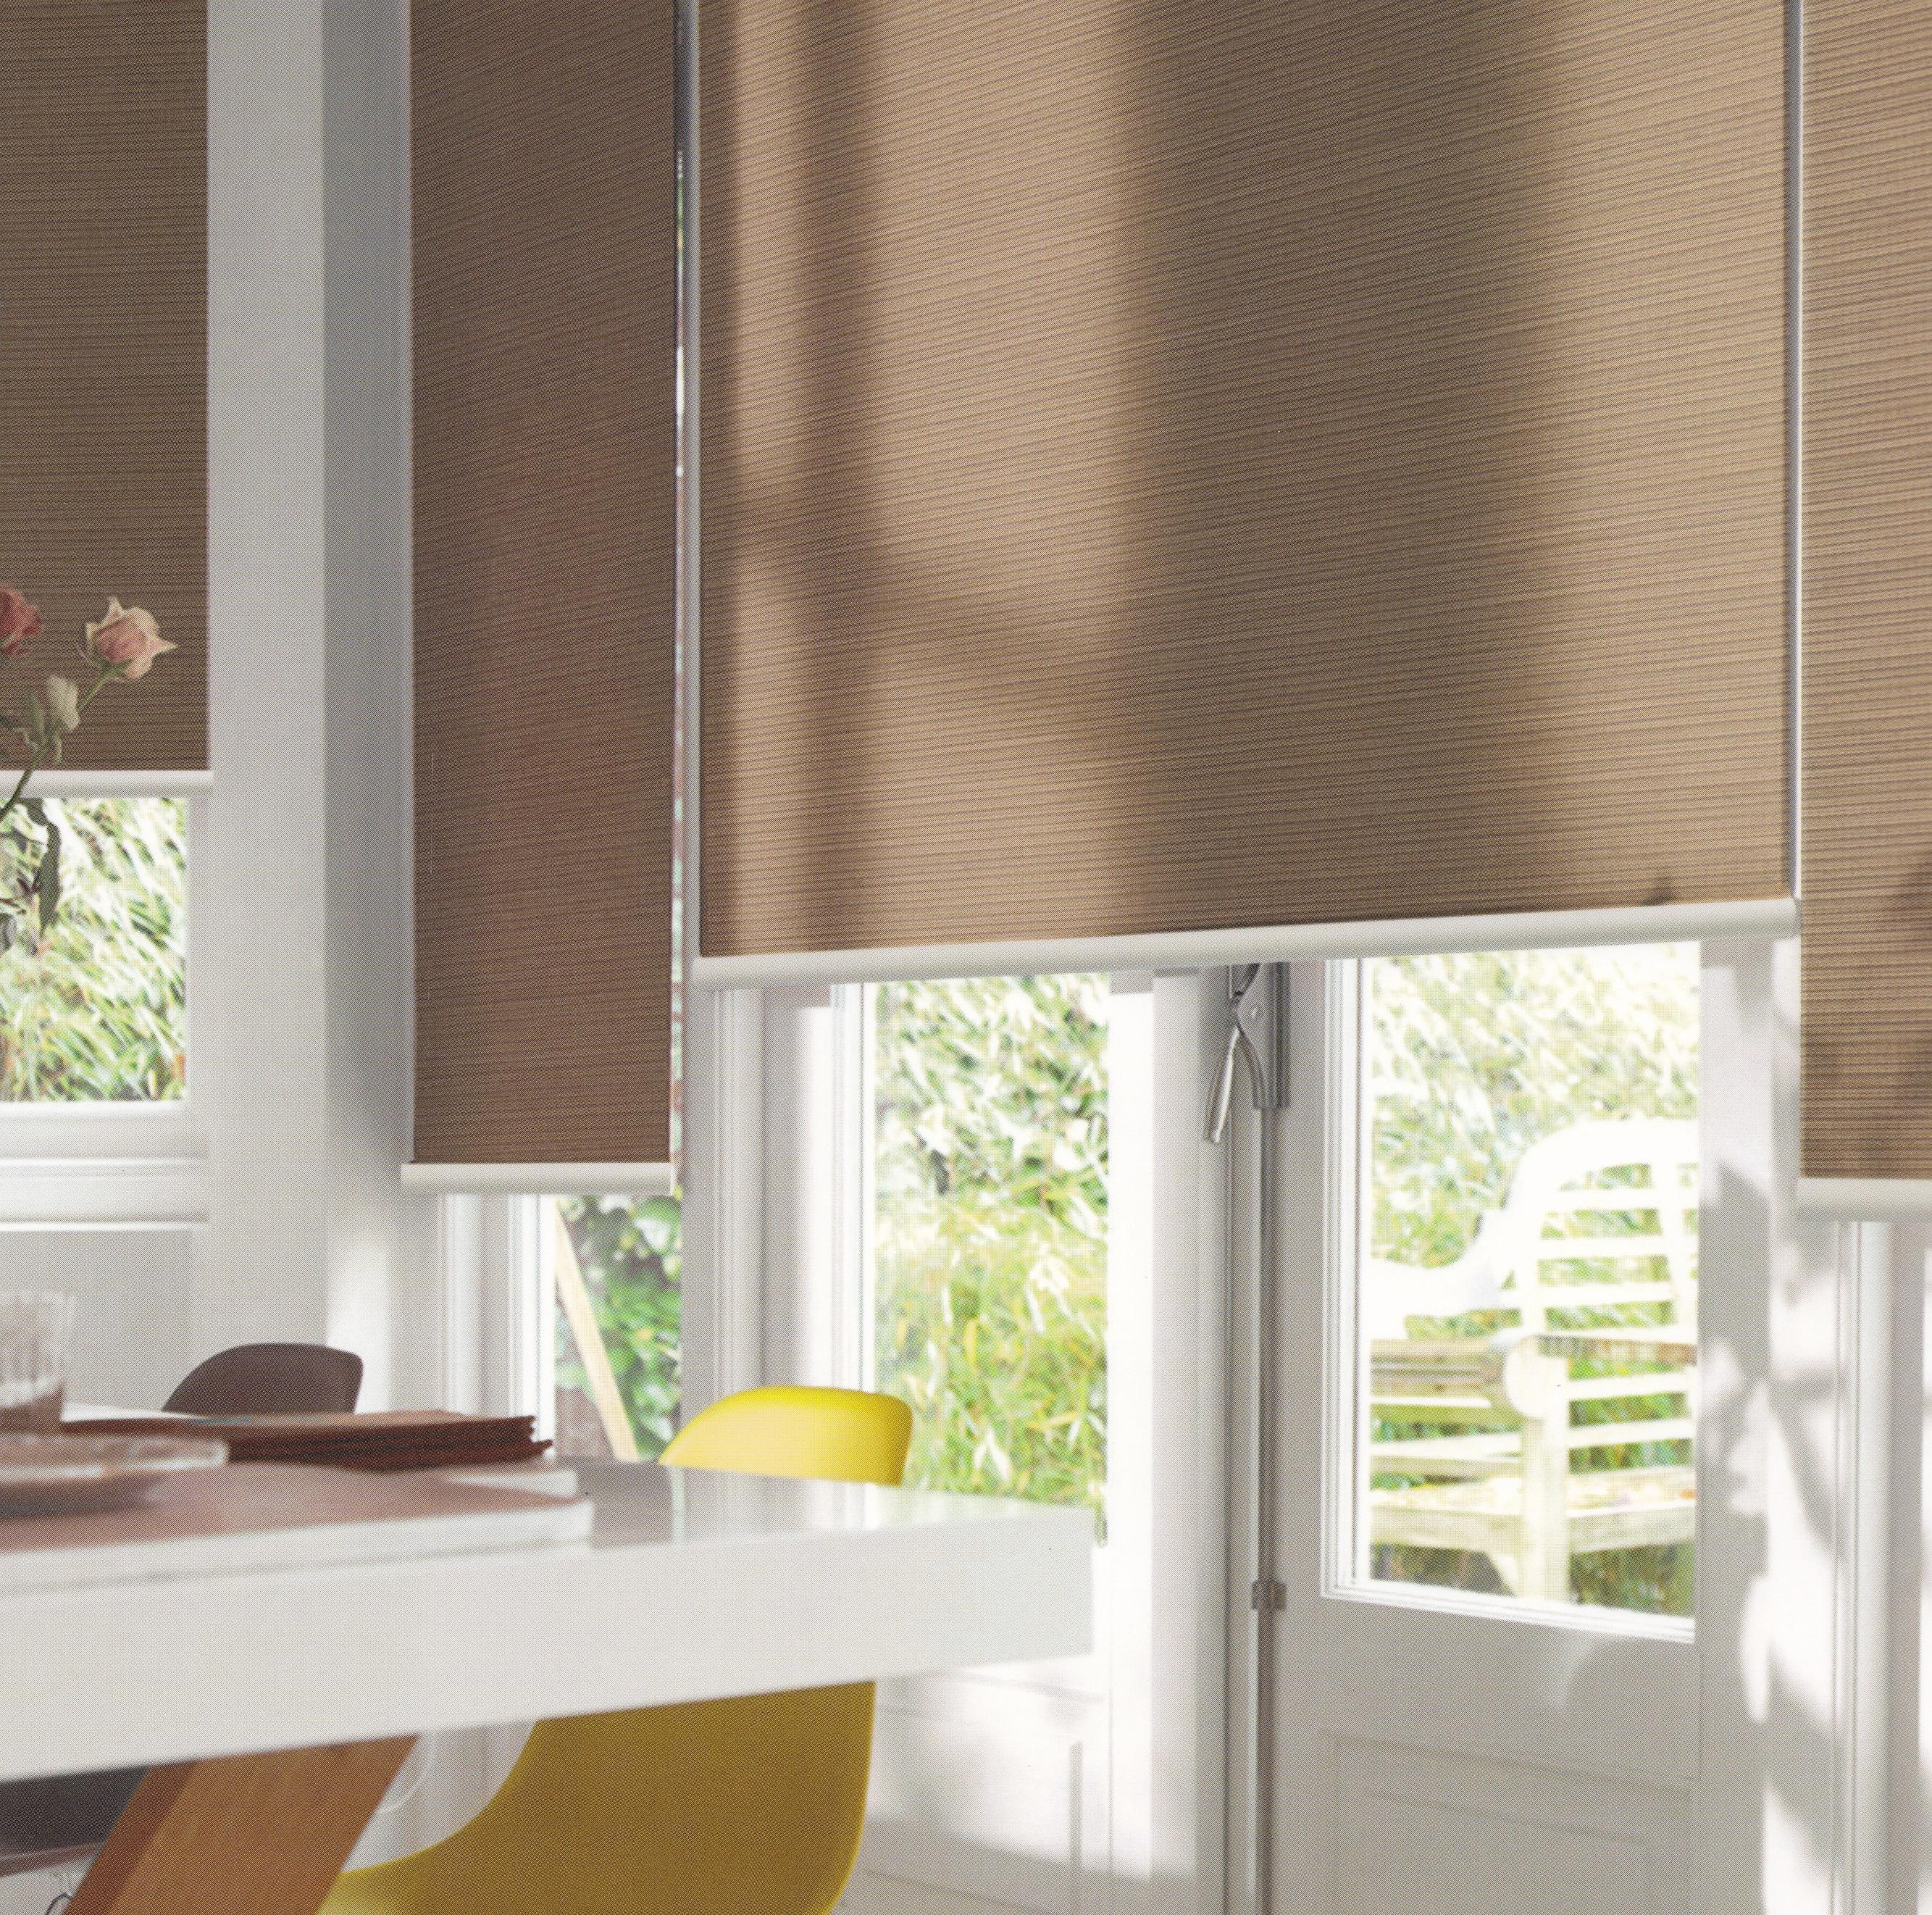 Luxaflex® Essentials Translucent Roller